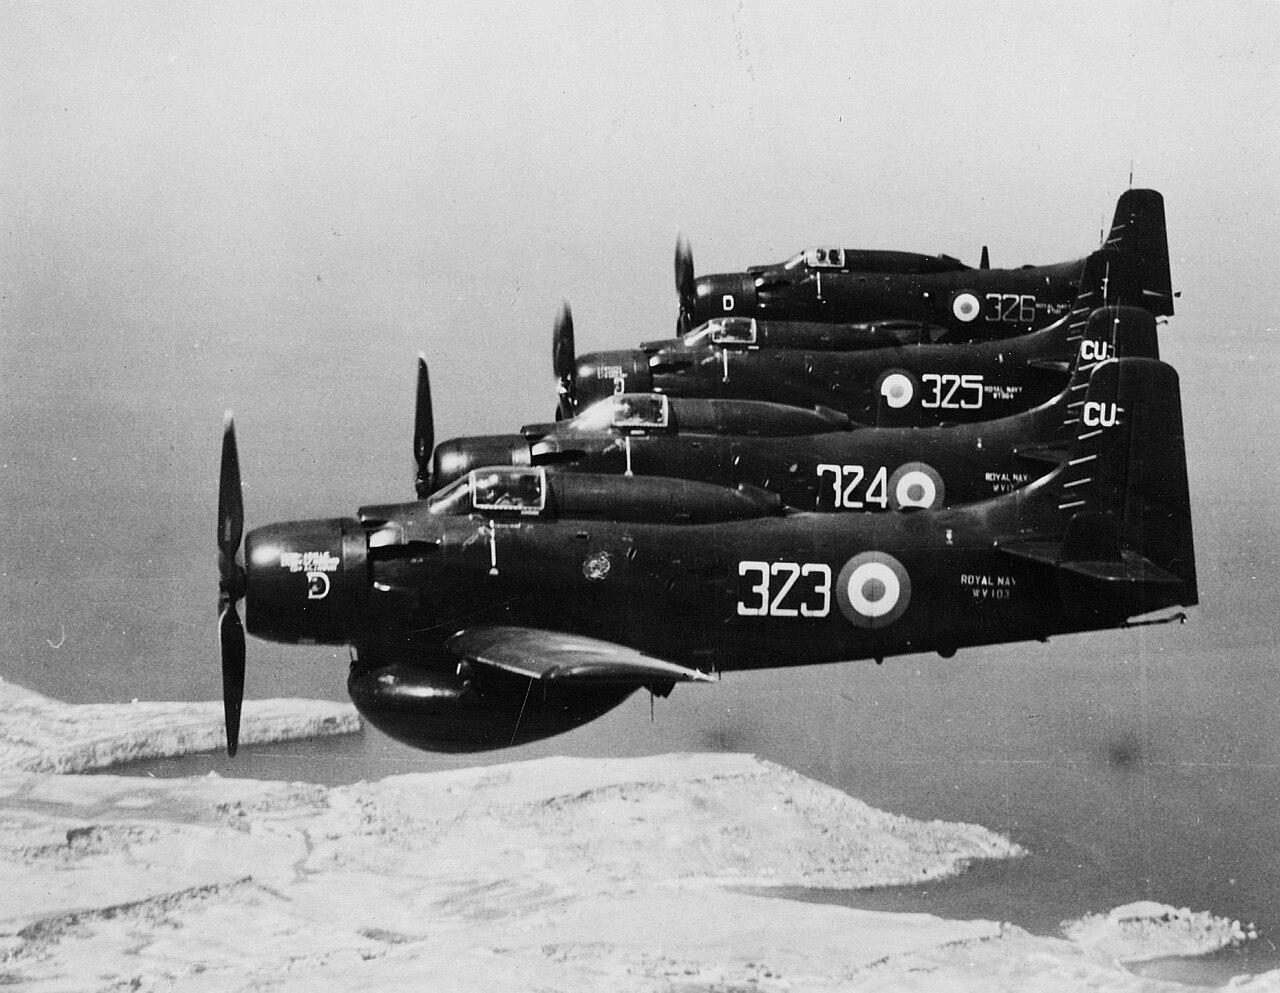 778 Naval Air Squadron